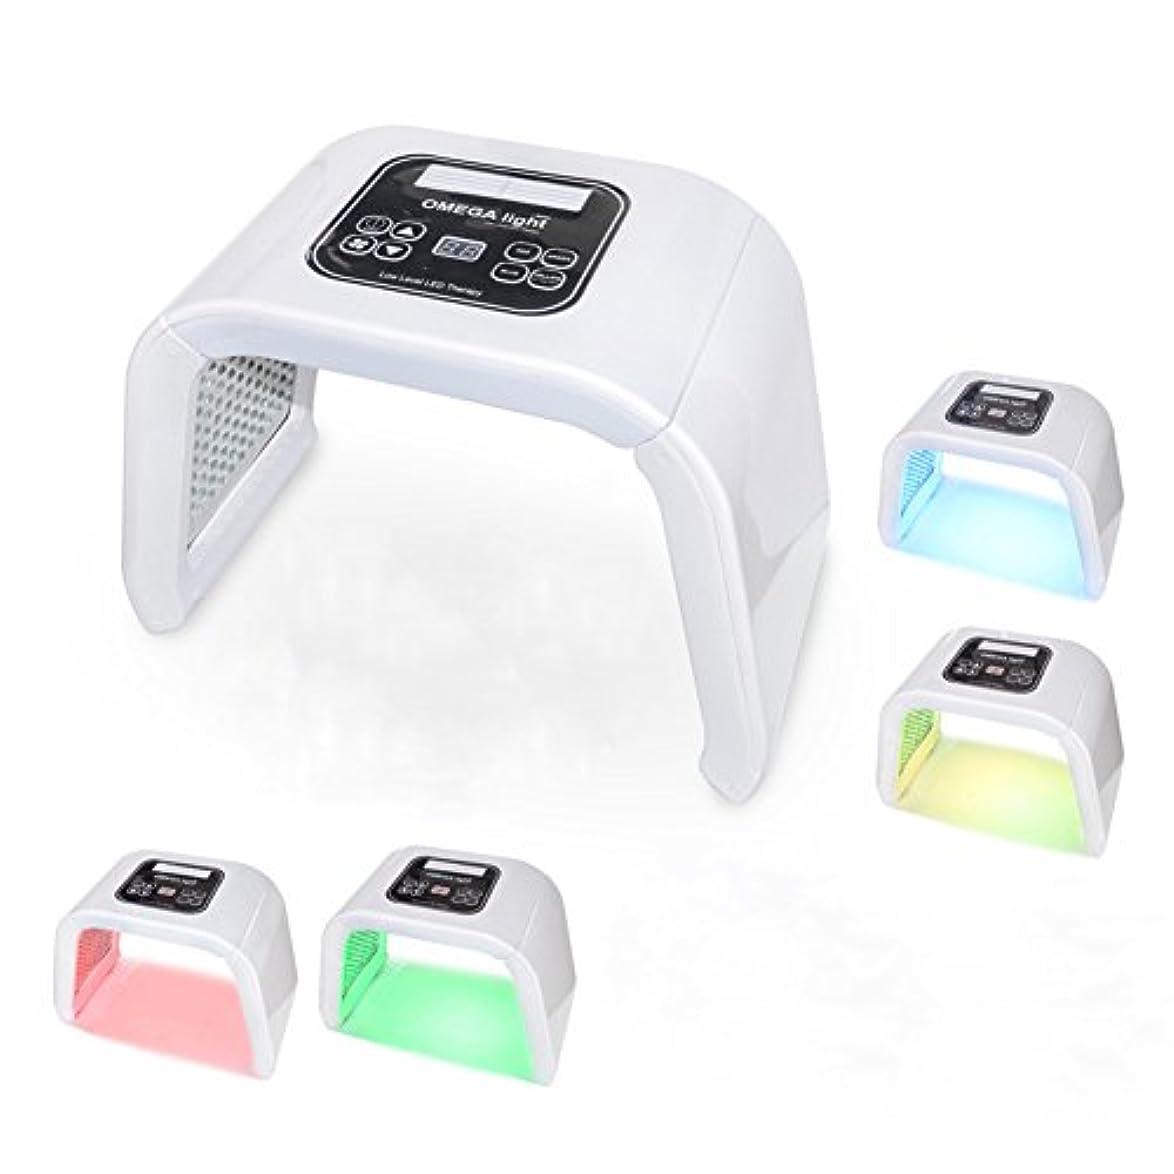 スチュワーデスインタネットを見る戦う光子の若返り機械携帯用4色LEDの反老化の美の器械,White